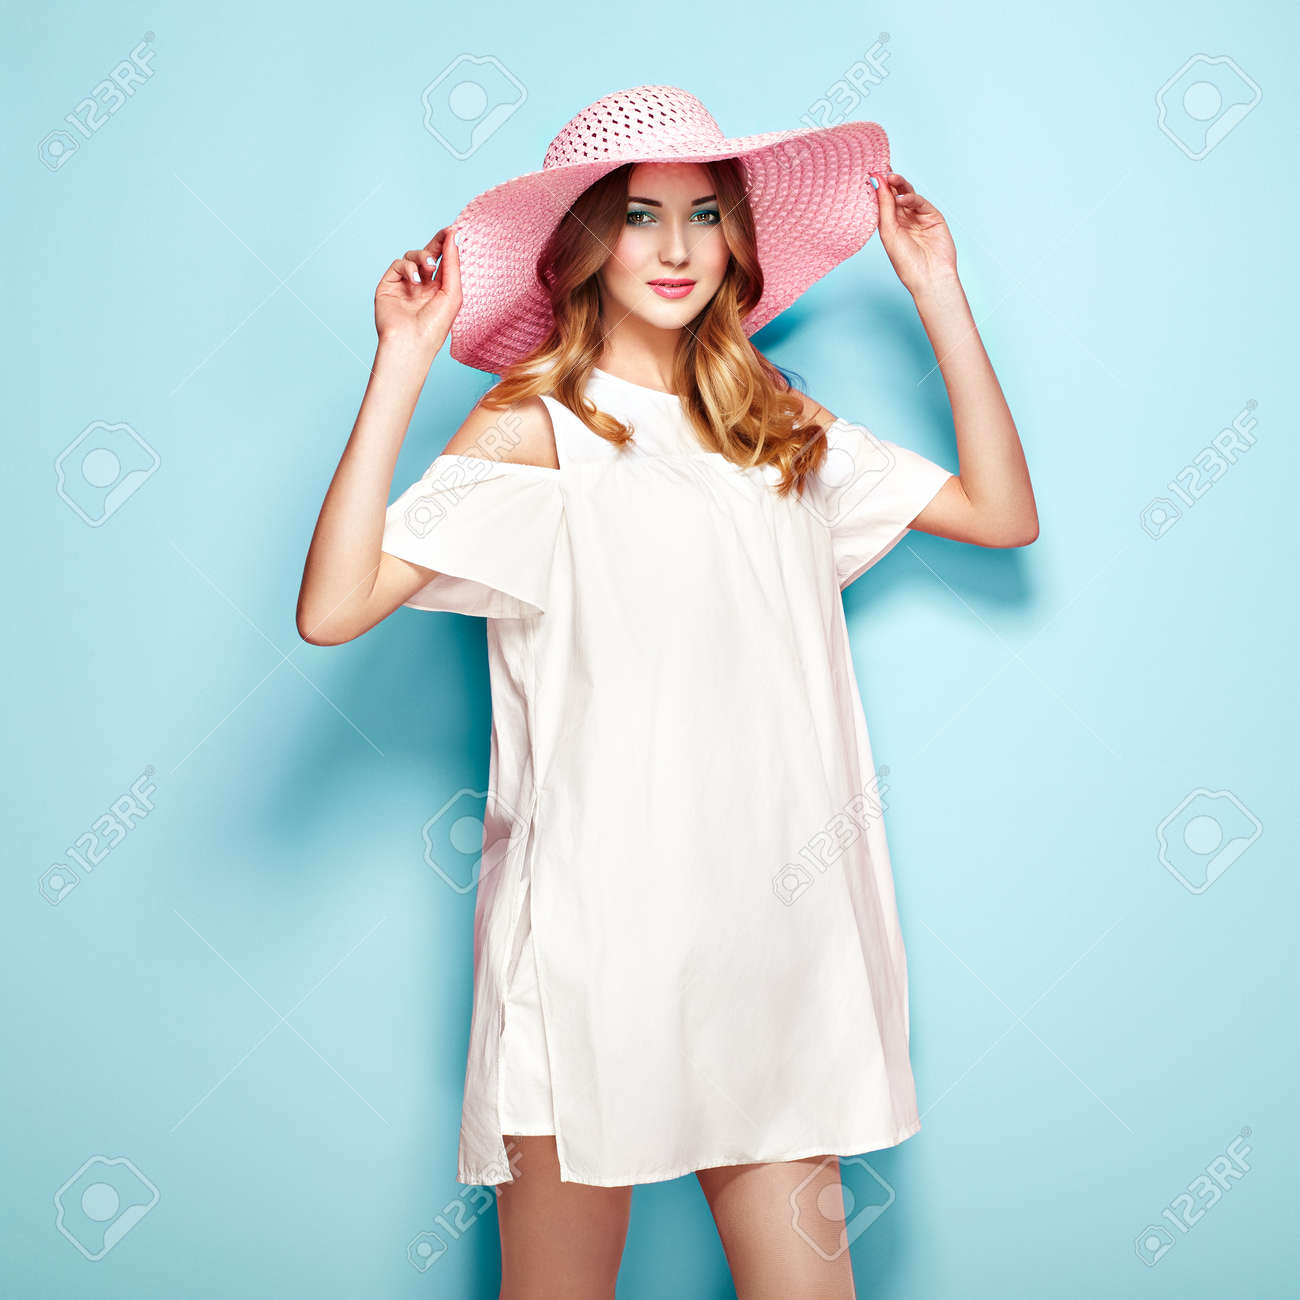 new arrival 45dd4 b8bfe Giovane donna bionda in estate vestito bianco e cappello estivo. Ragazza  che propone su una priorità bassa del turchese. Acconciatura e  abbigliamento. ...